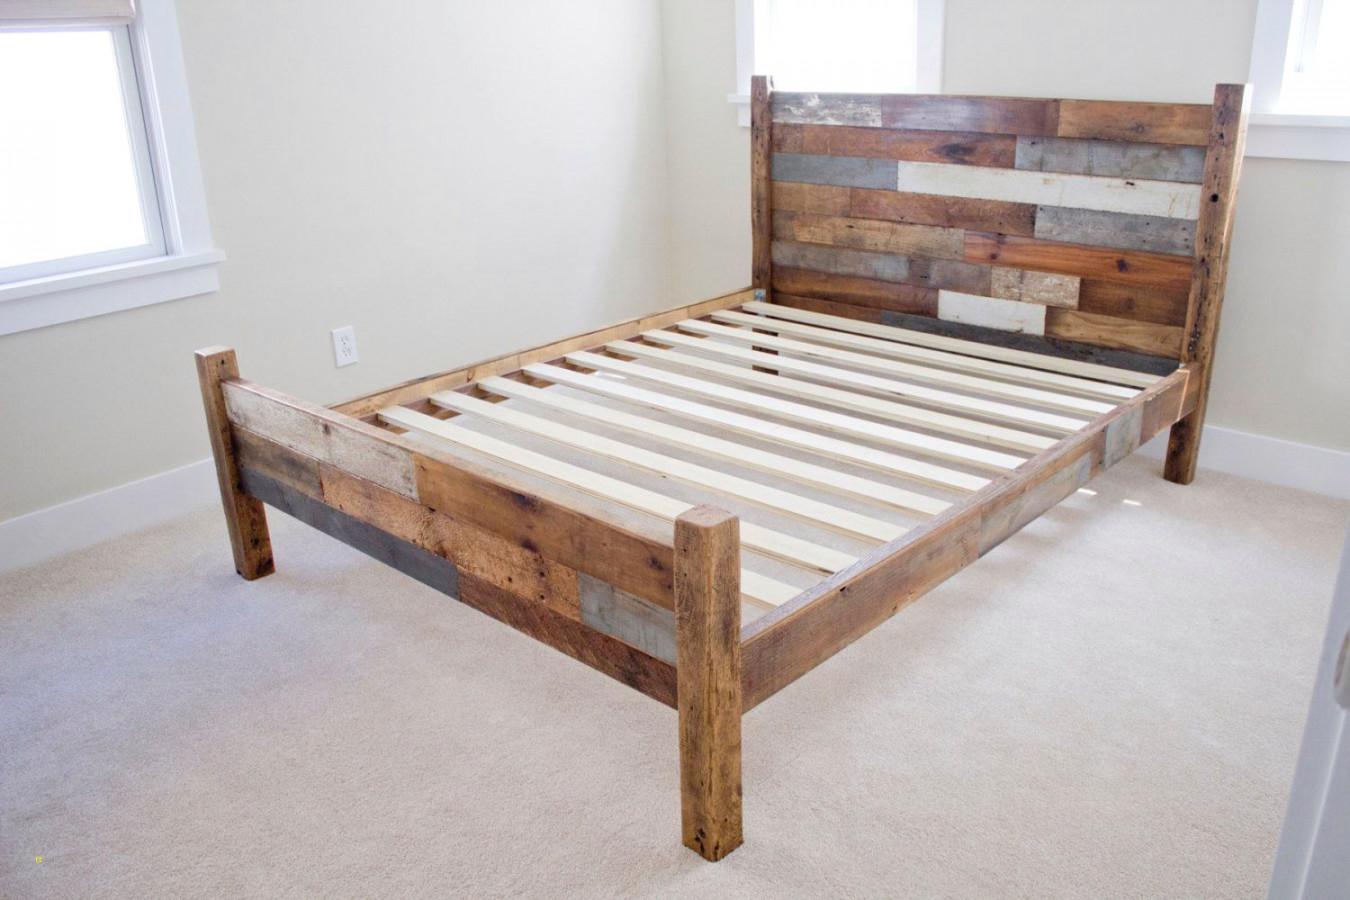 DIY Wood Bed Frame